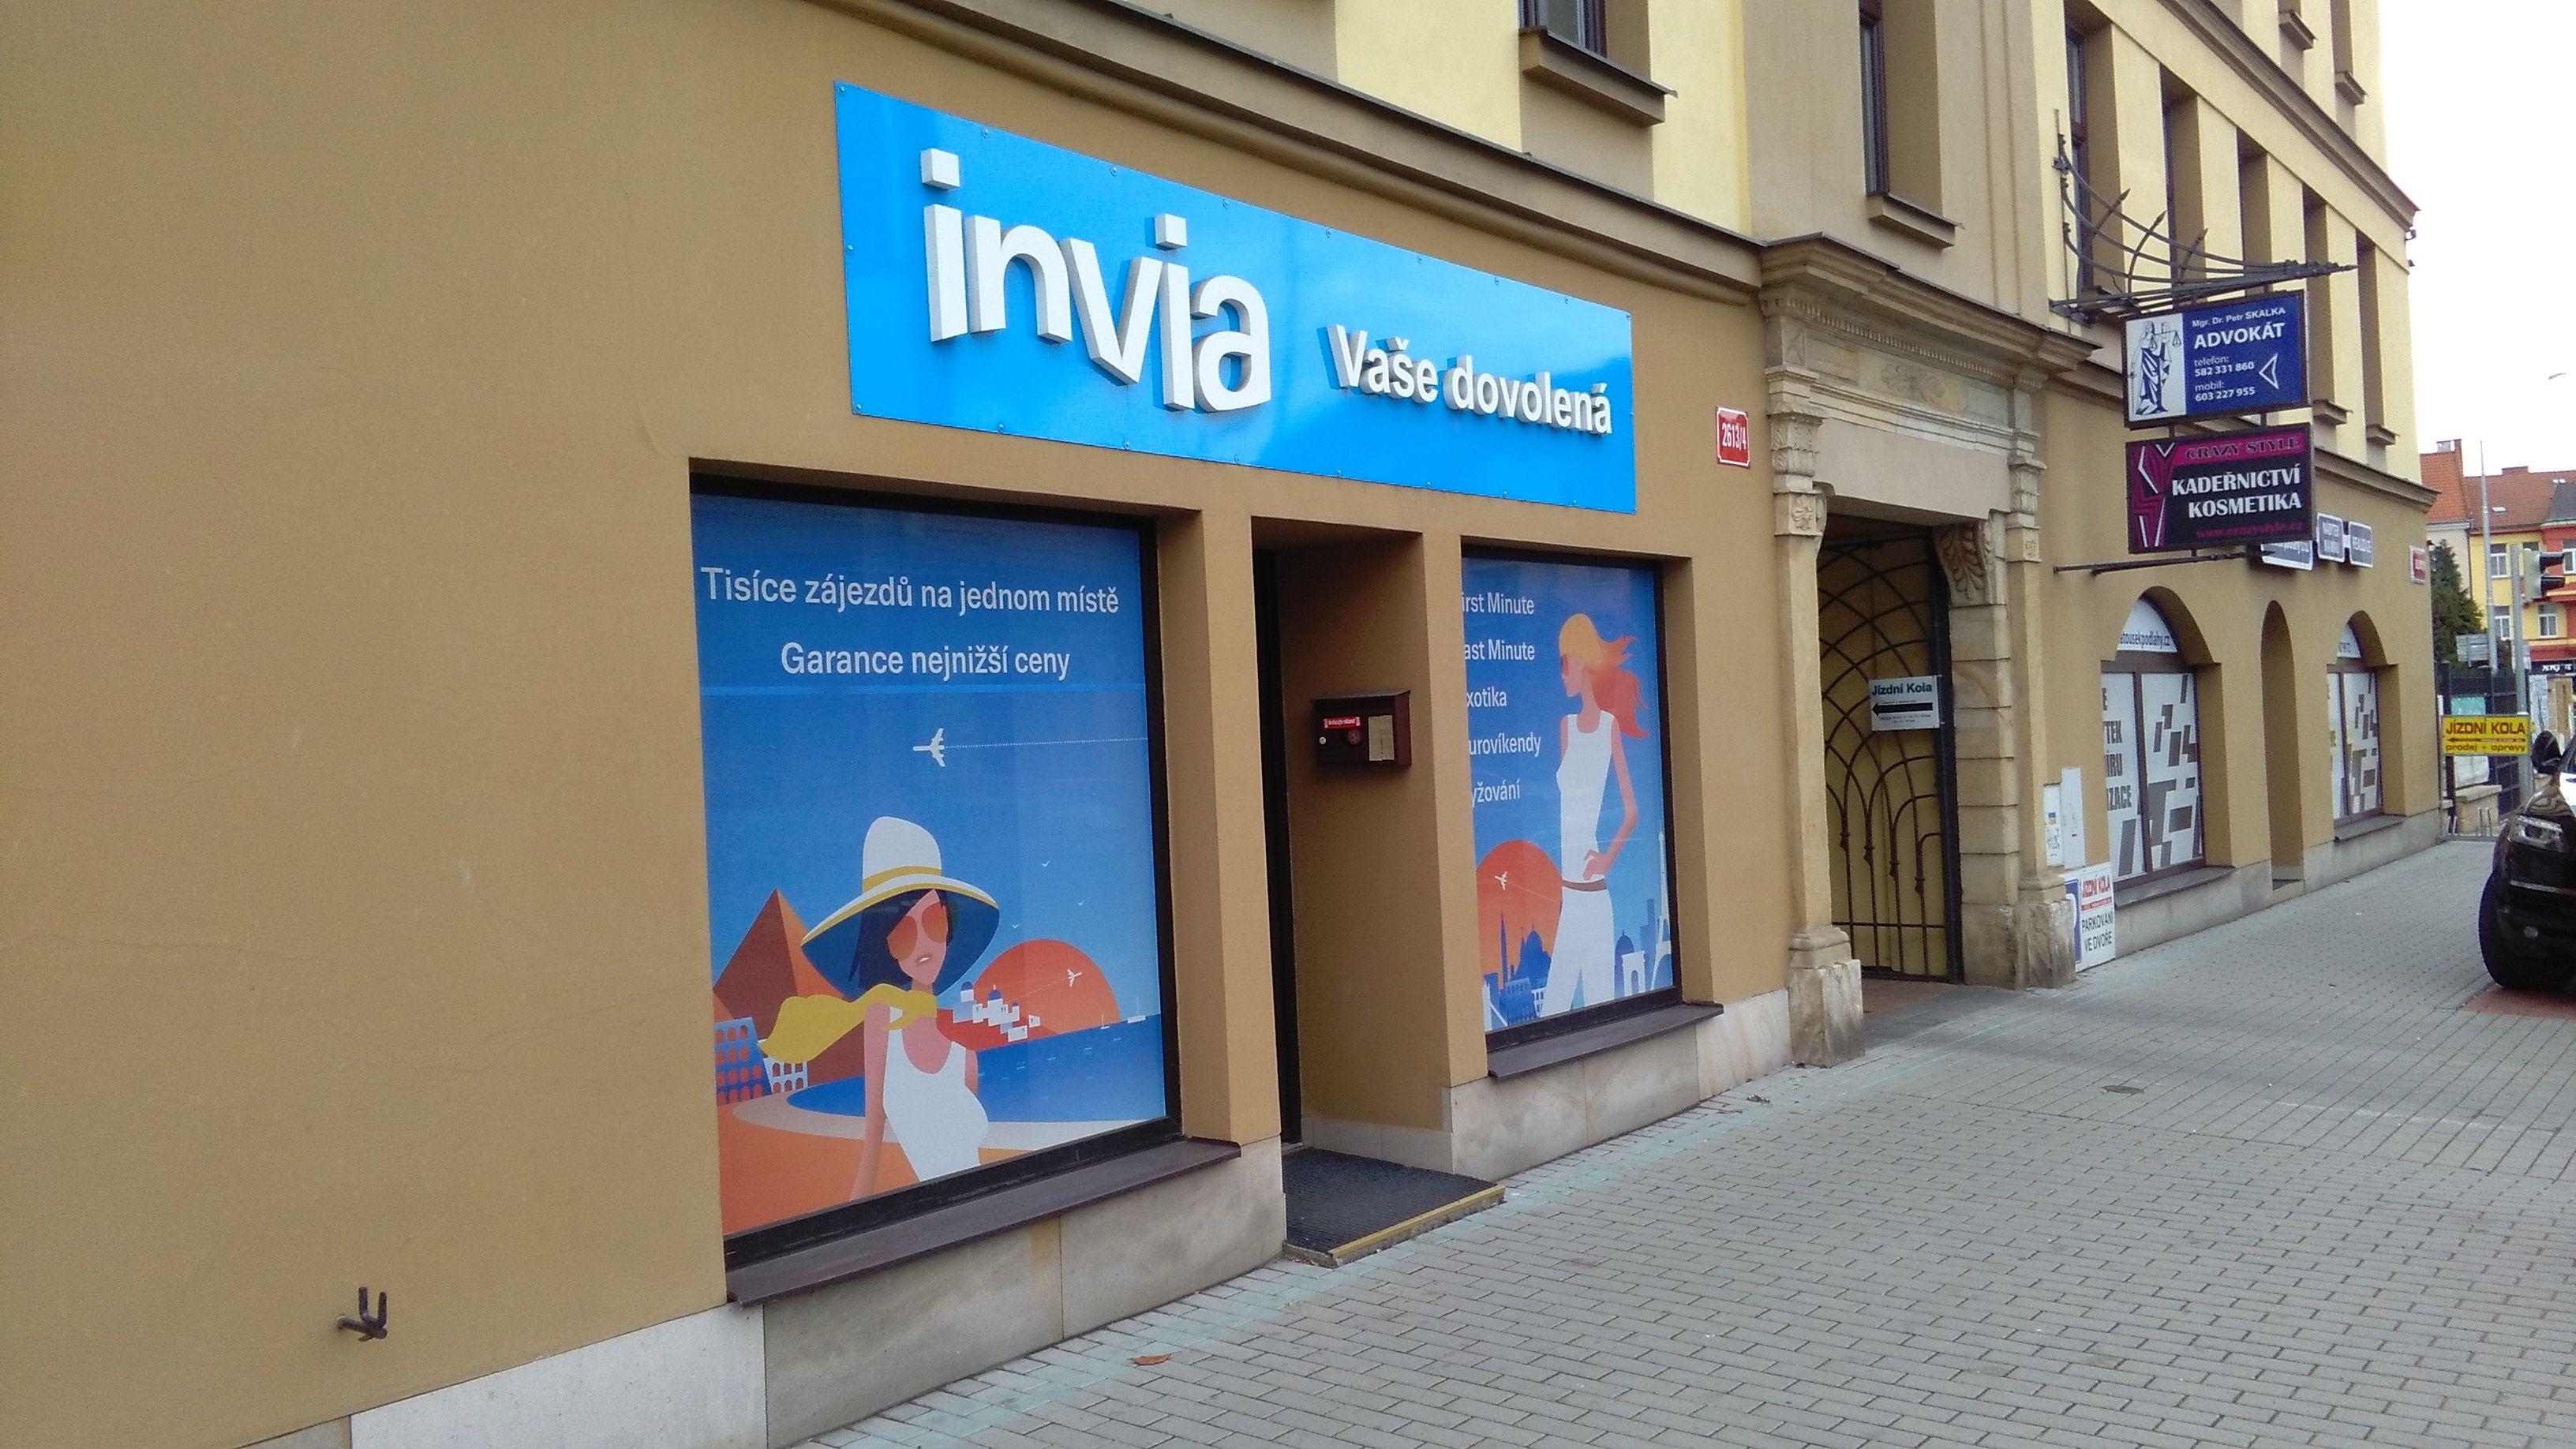 Pobočka Prostějov, Olomoucká 4, (Invia)